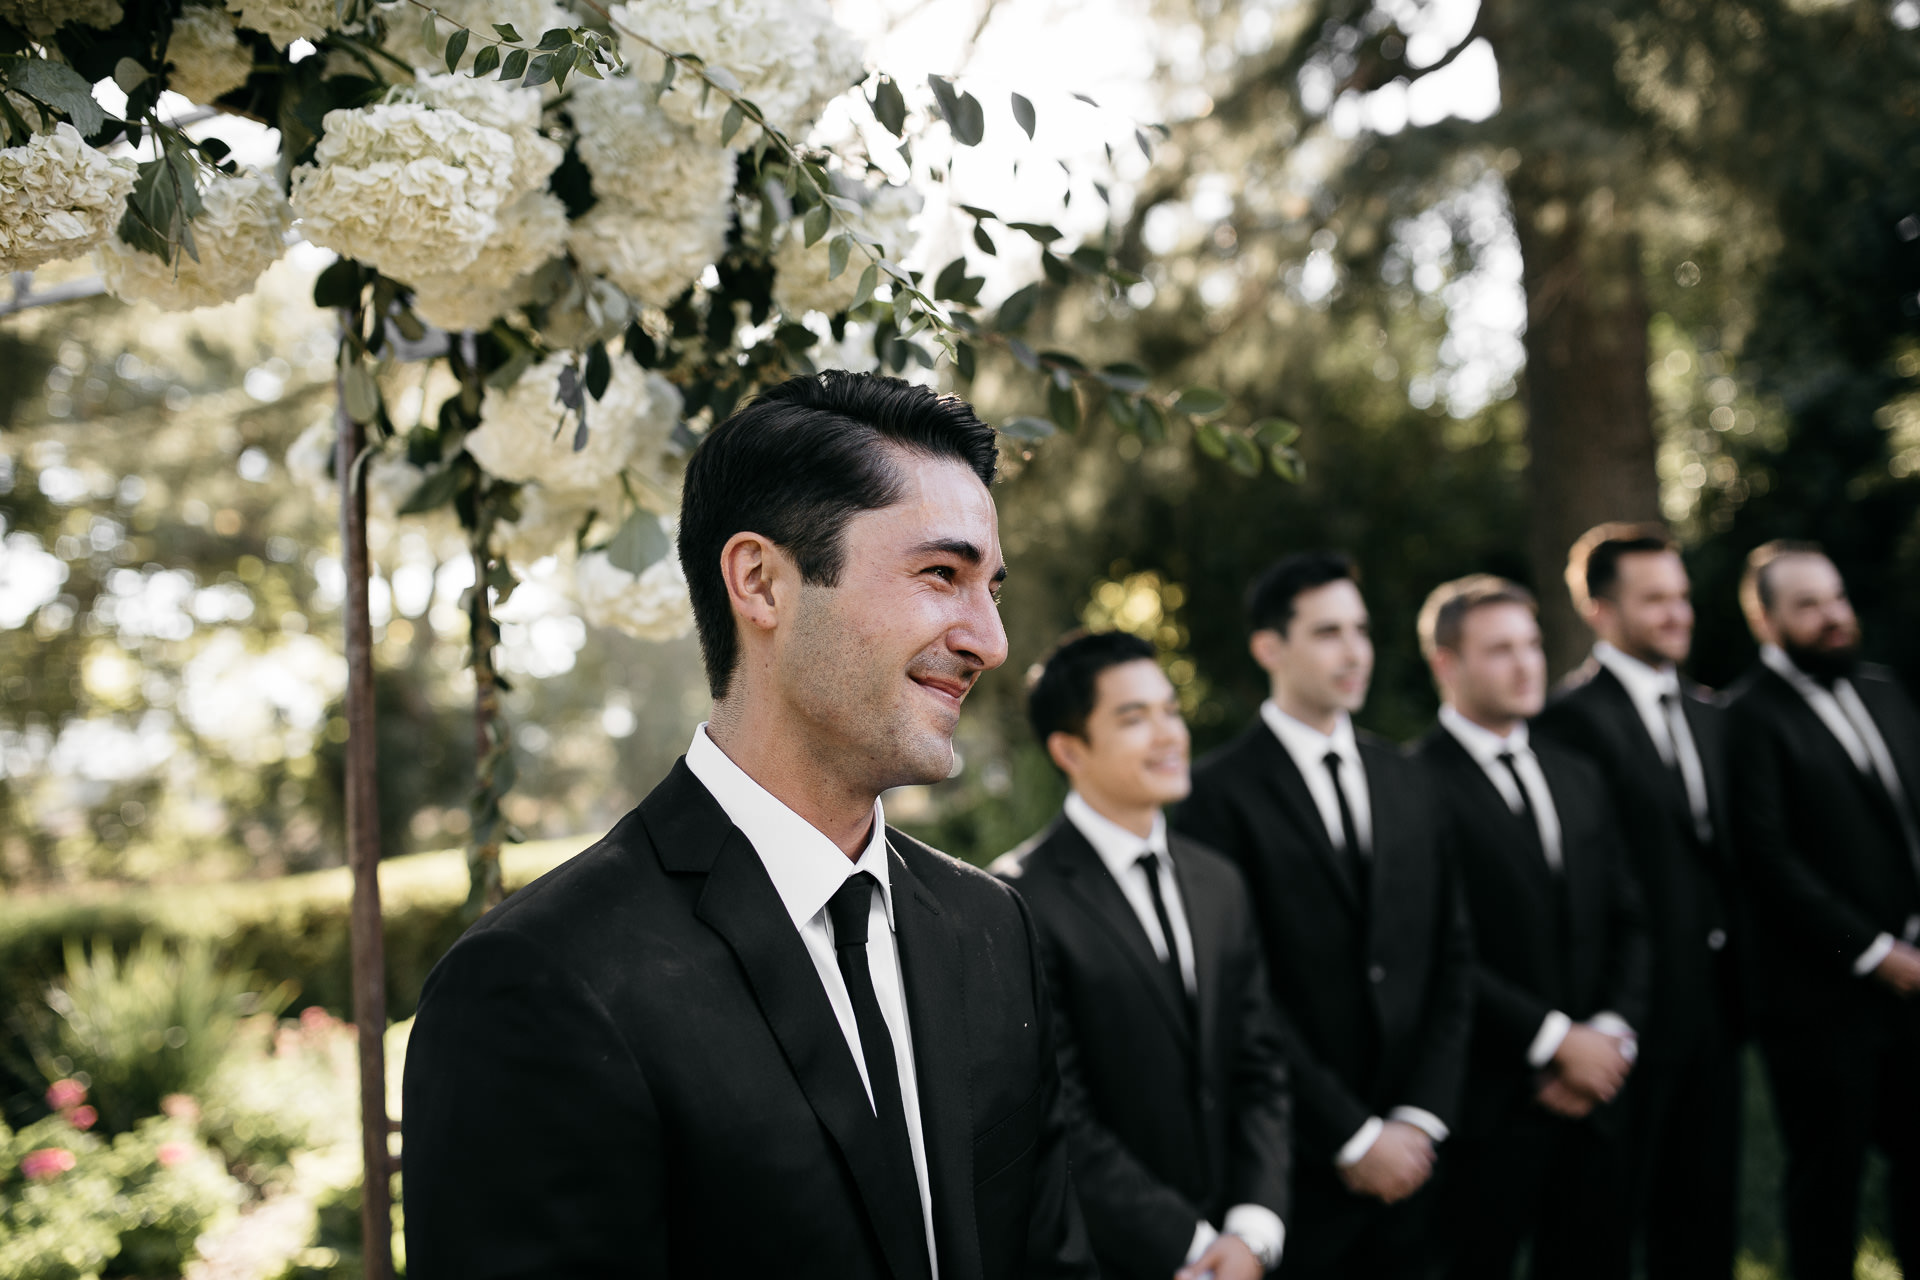 lauren_graham_wedding_california_park_winters_jeanlaurentgaudy_044